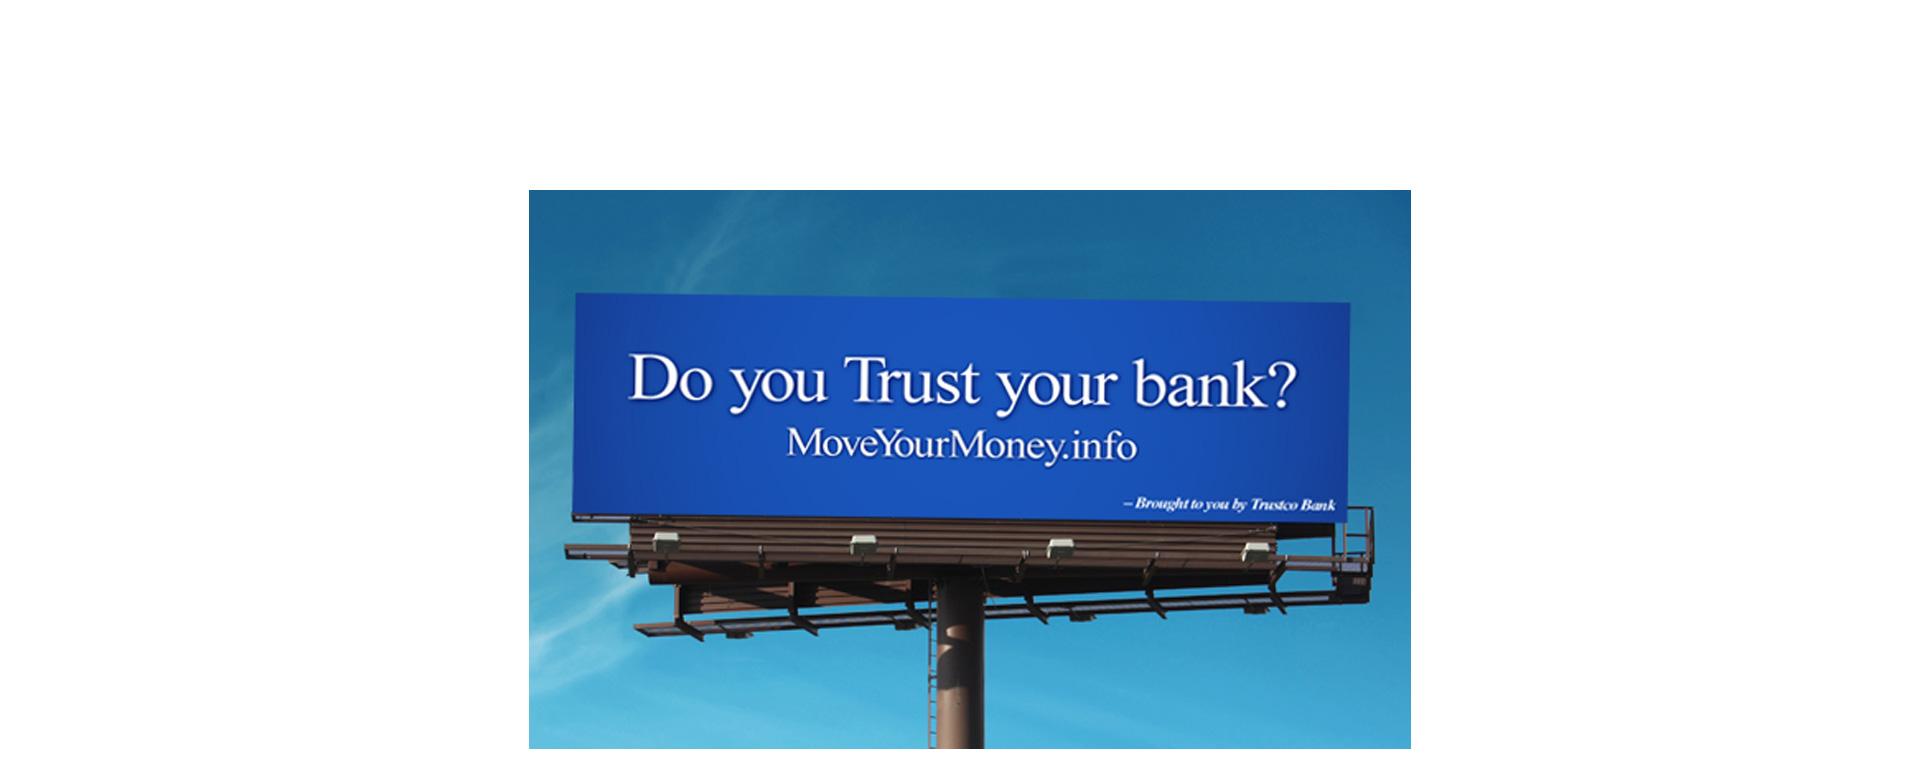 Trust Your Bank Outdoor